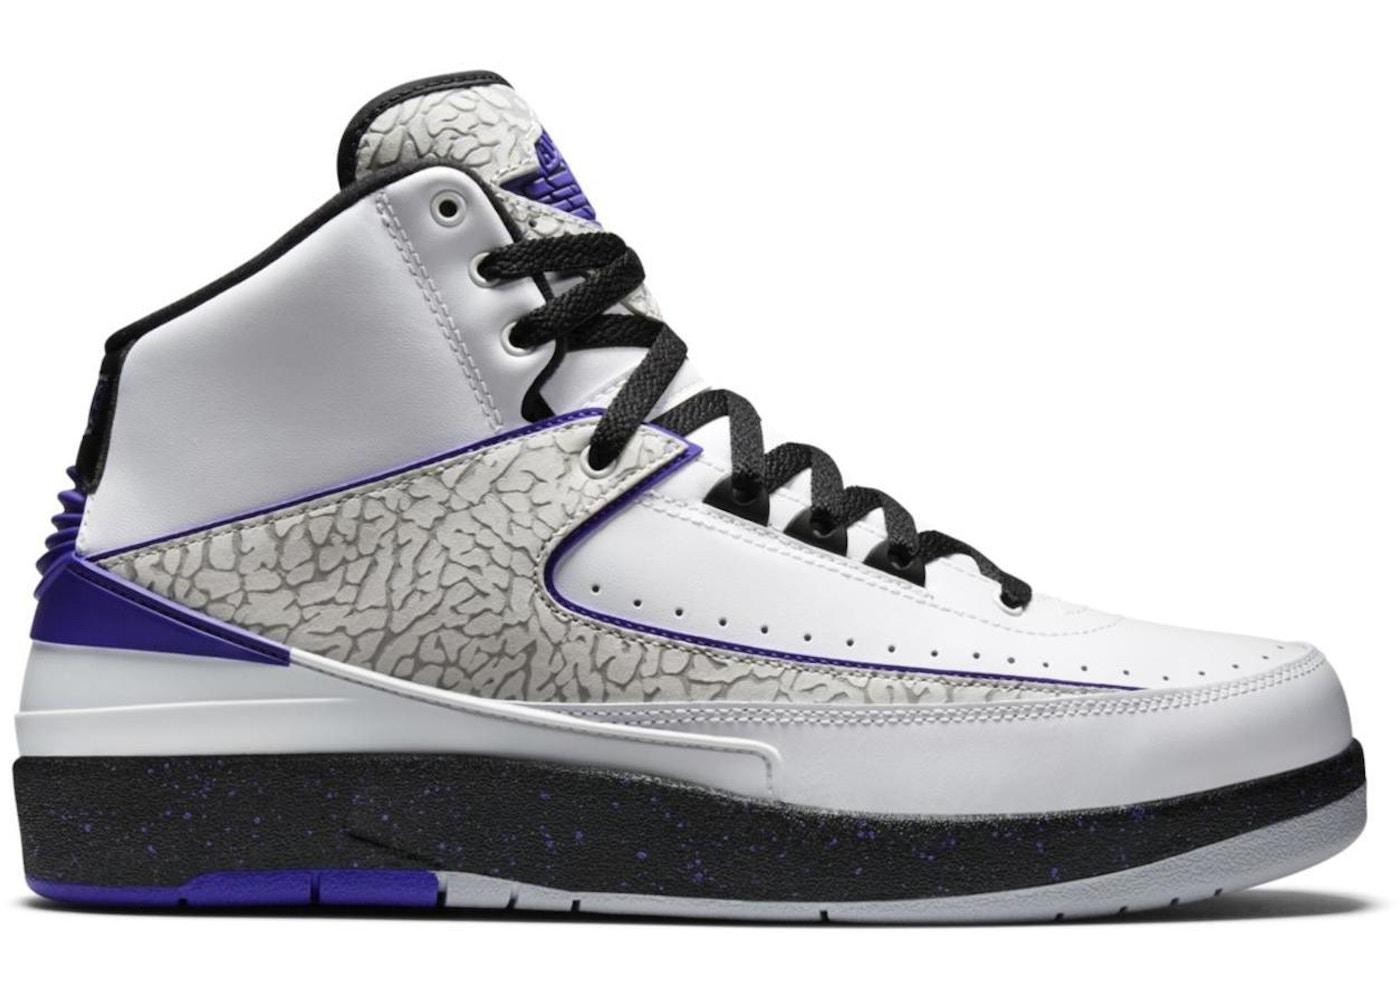 best service b29a9 6ba97 Buy Air Jordan 2 Shoes   Deadstock Sneakers